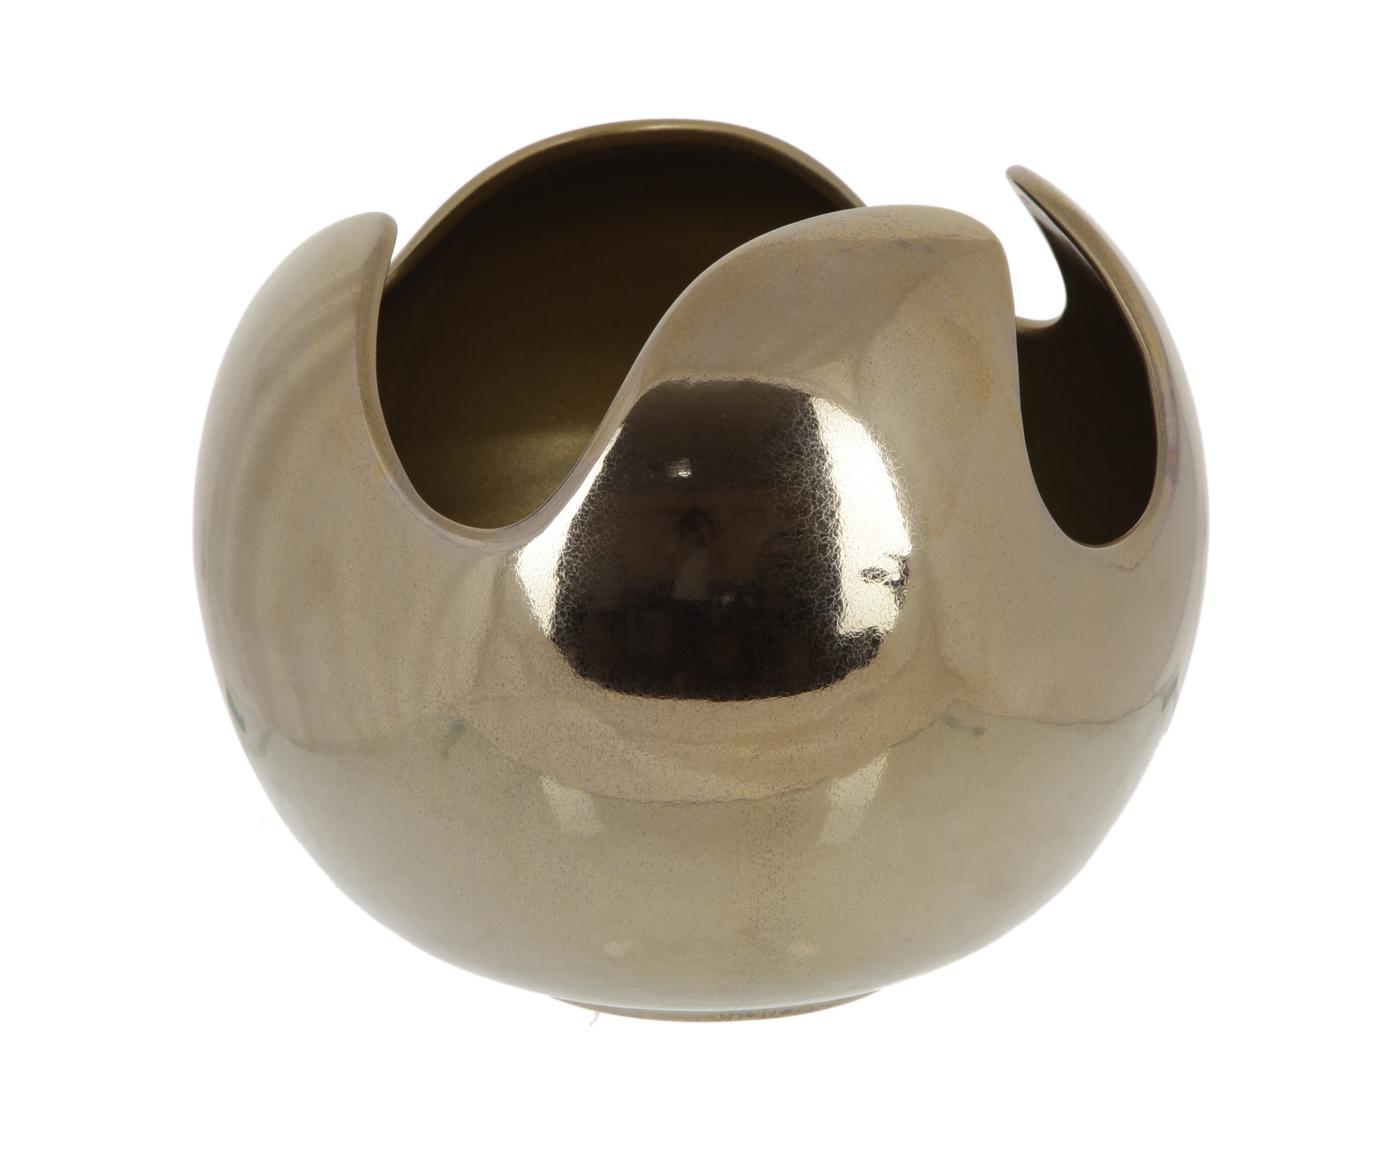 Вазы настольные Элитная ваза декоративная Паниче малая от Sporvil elitnaya-vaza-dekorativnaya-paniche-malaya-ot-sporvil-portugaliya.jpg